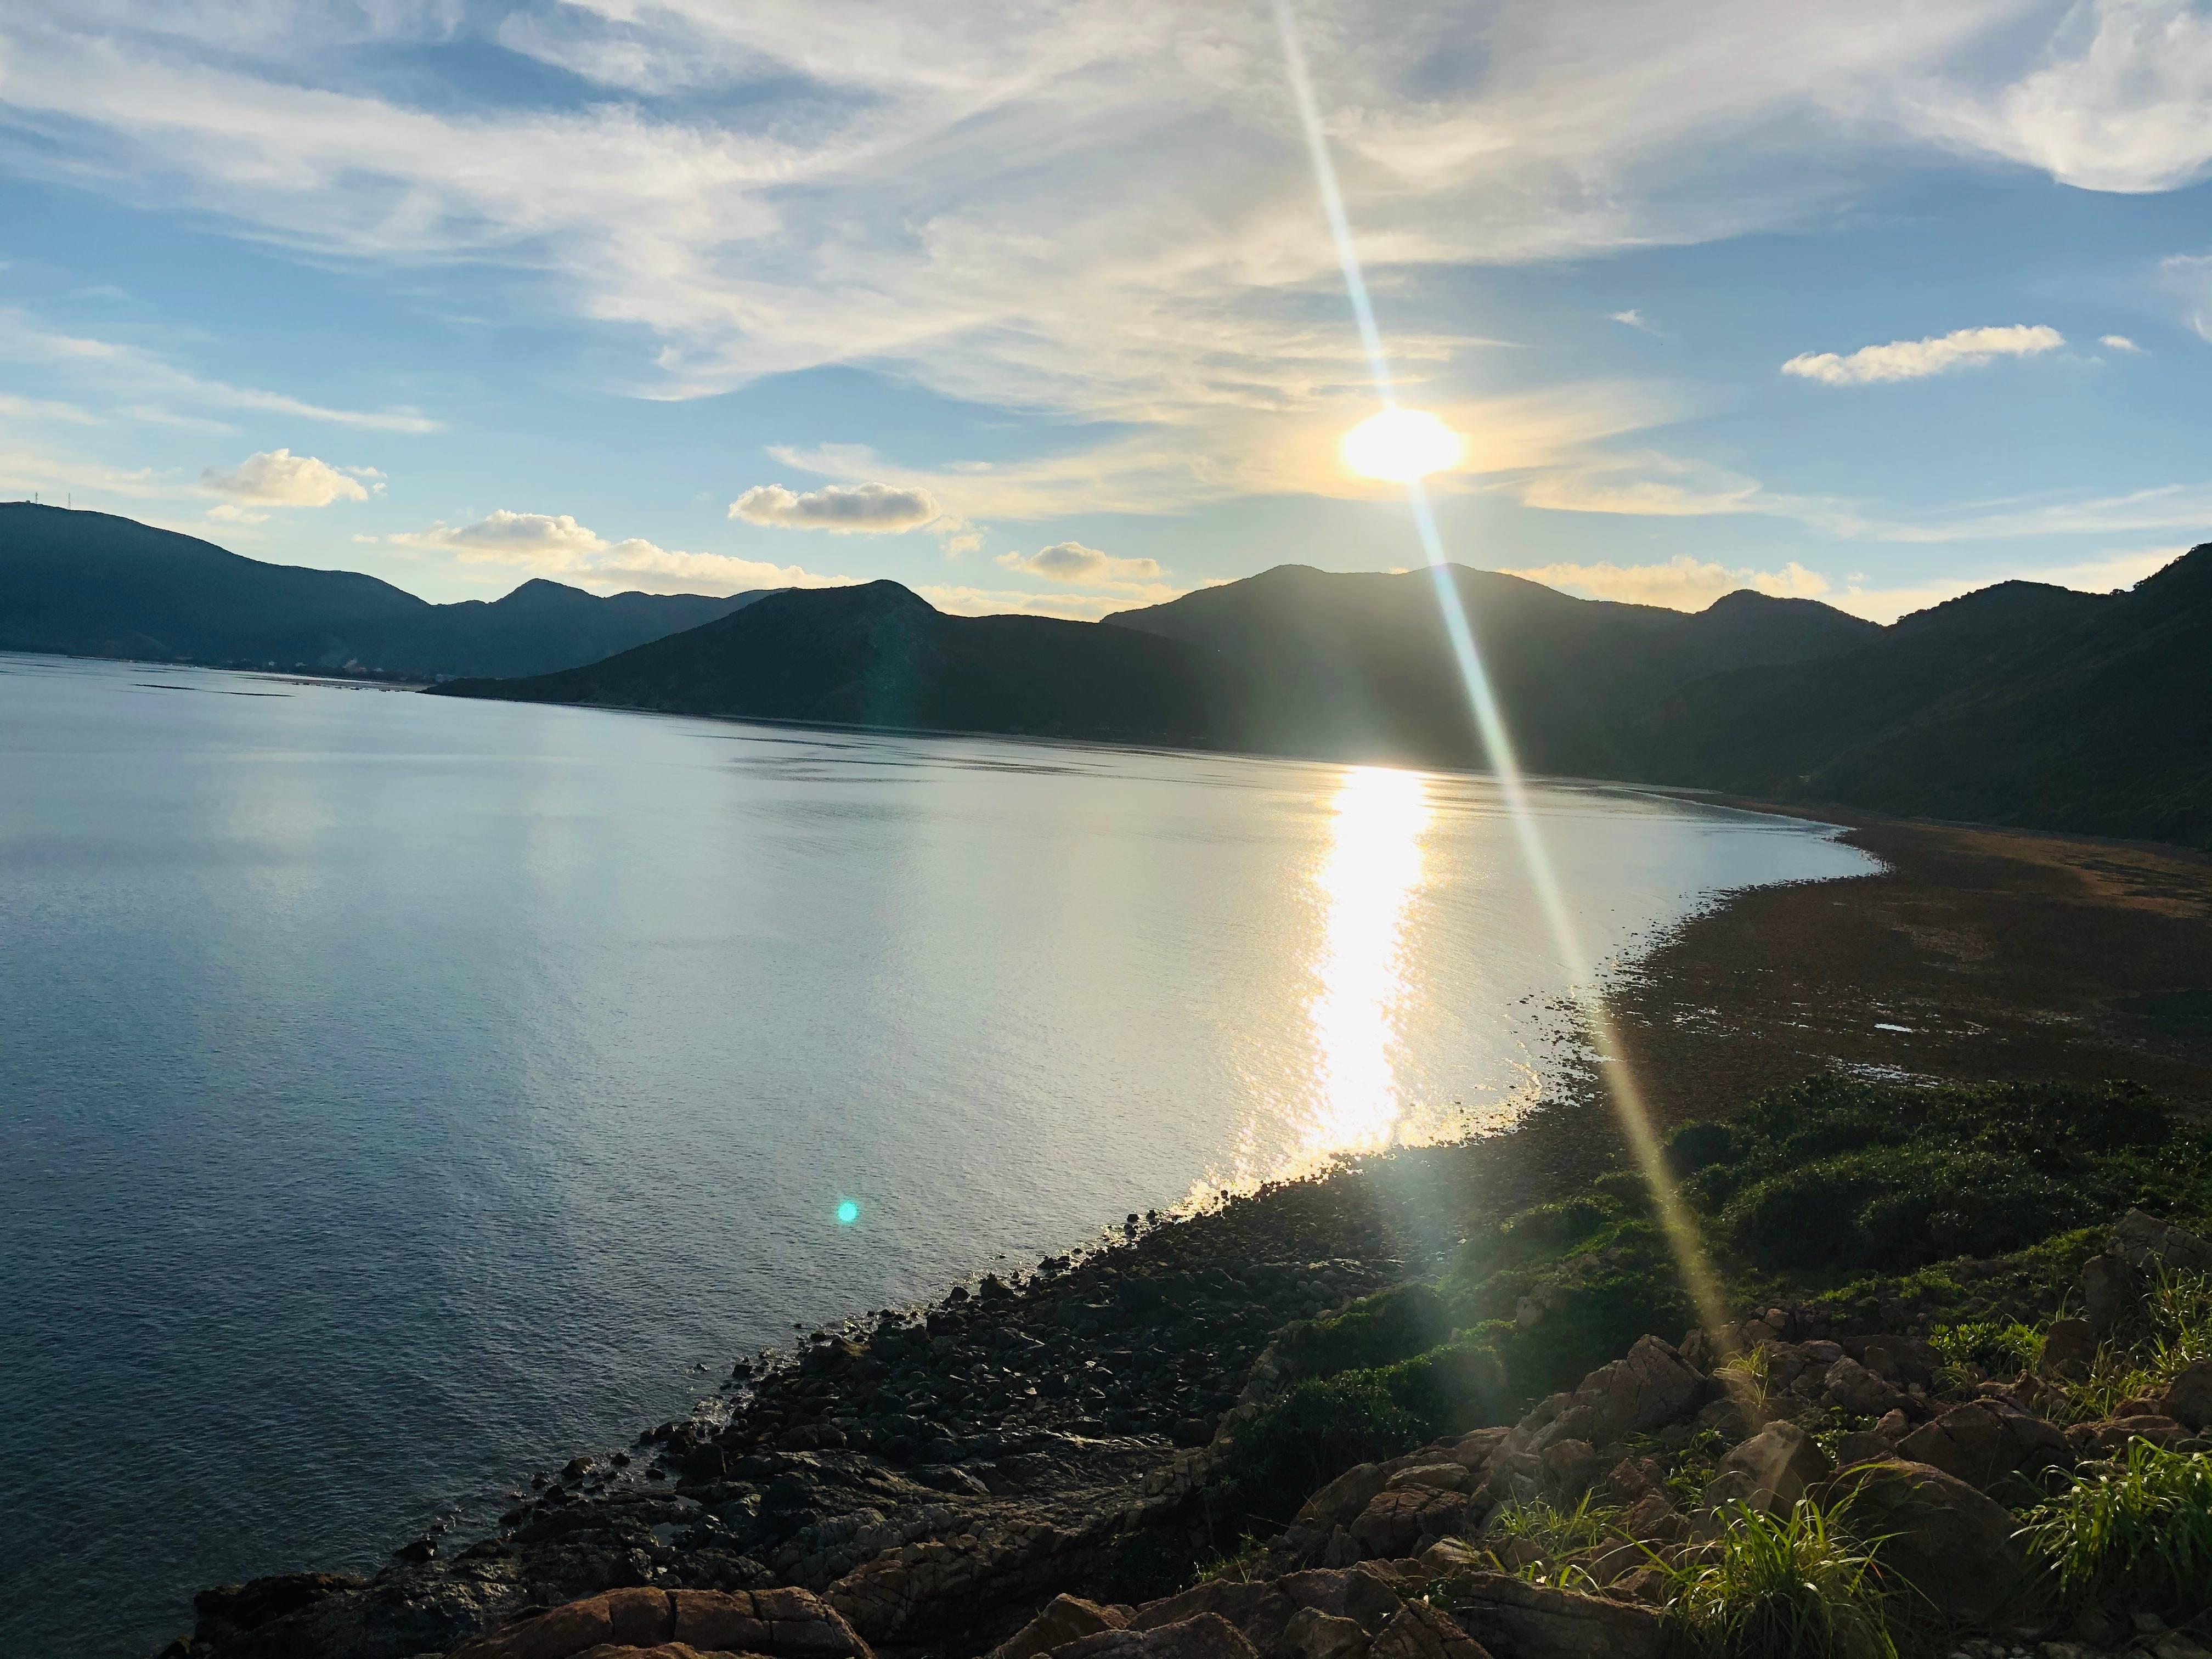 Điểm danh 15 địa điểm siêu đẹp ở Côn Đảo lên hình cực ảo - 28